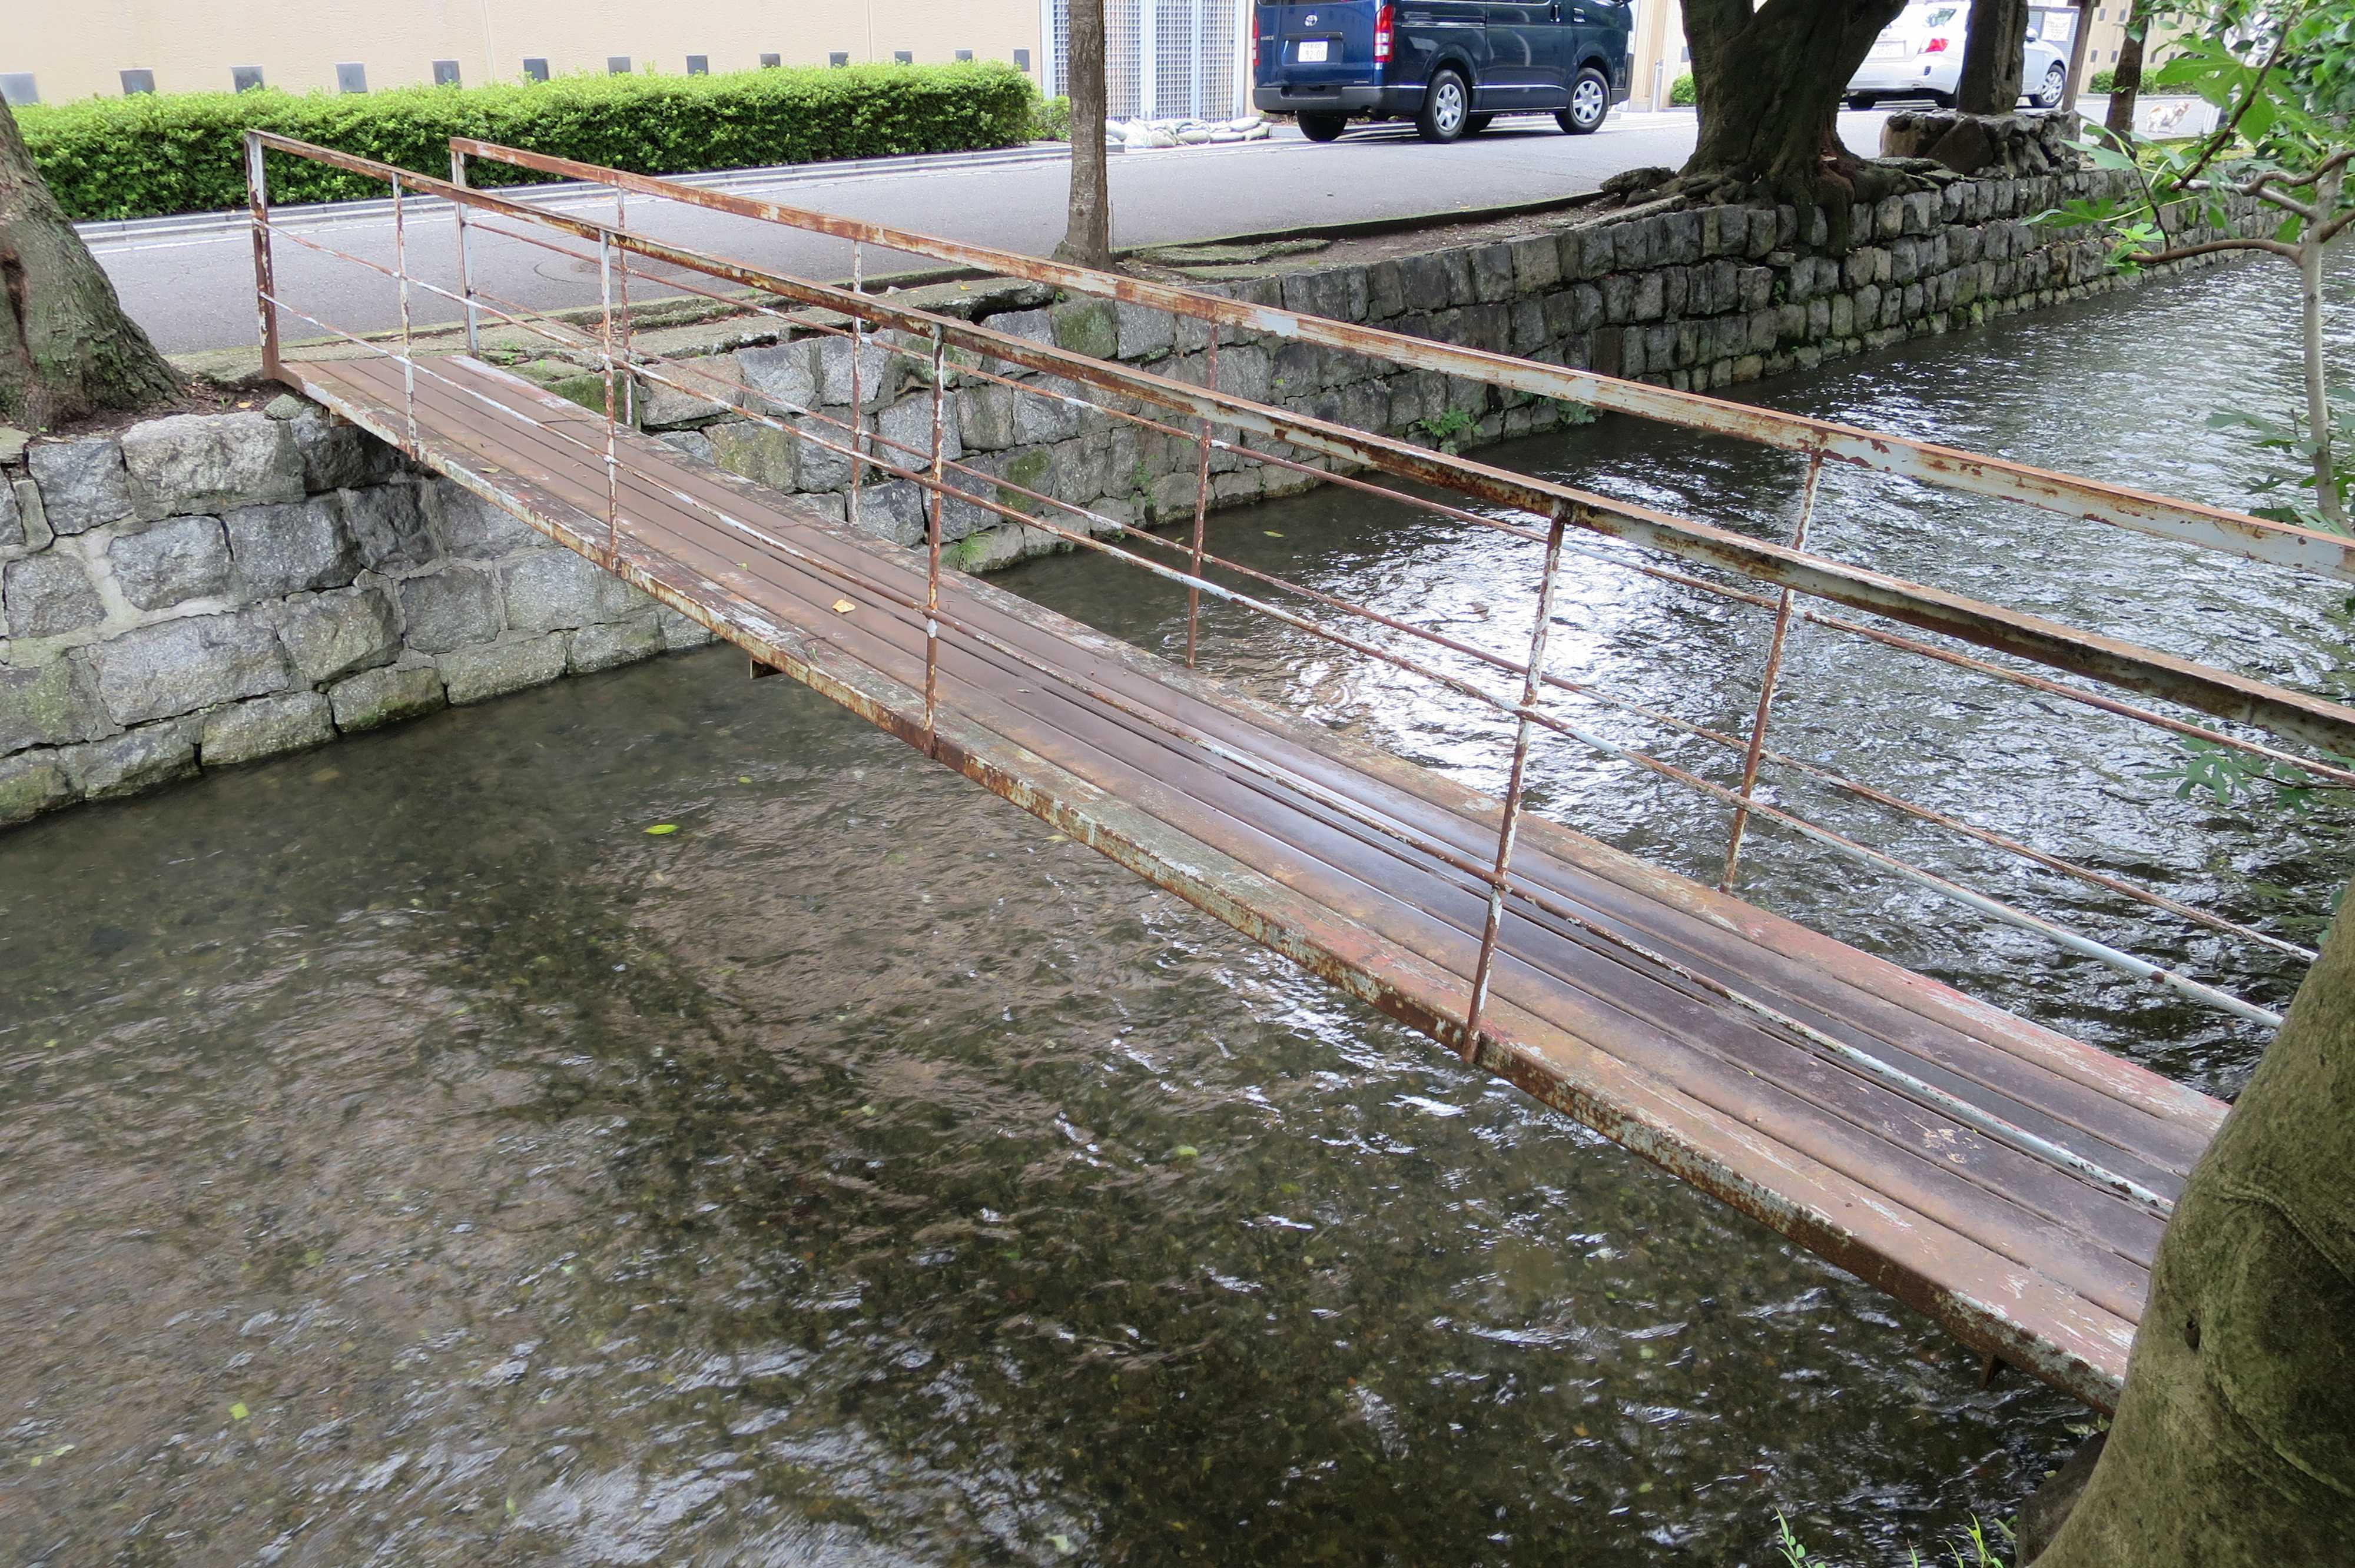 京都・五条楽園 - 高瀬川に掛かる細い橋